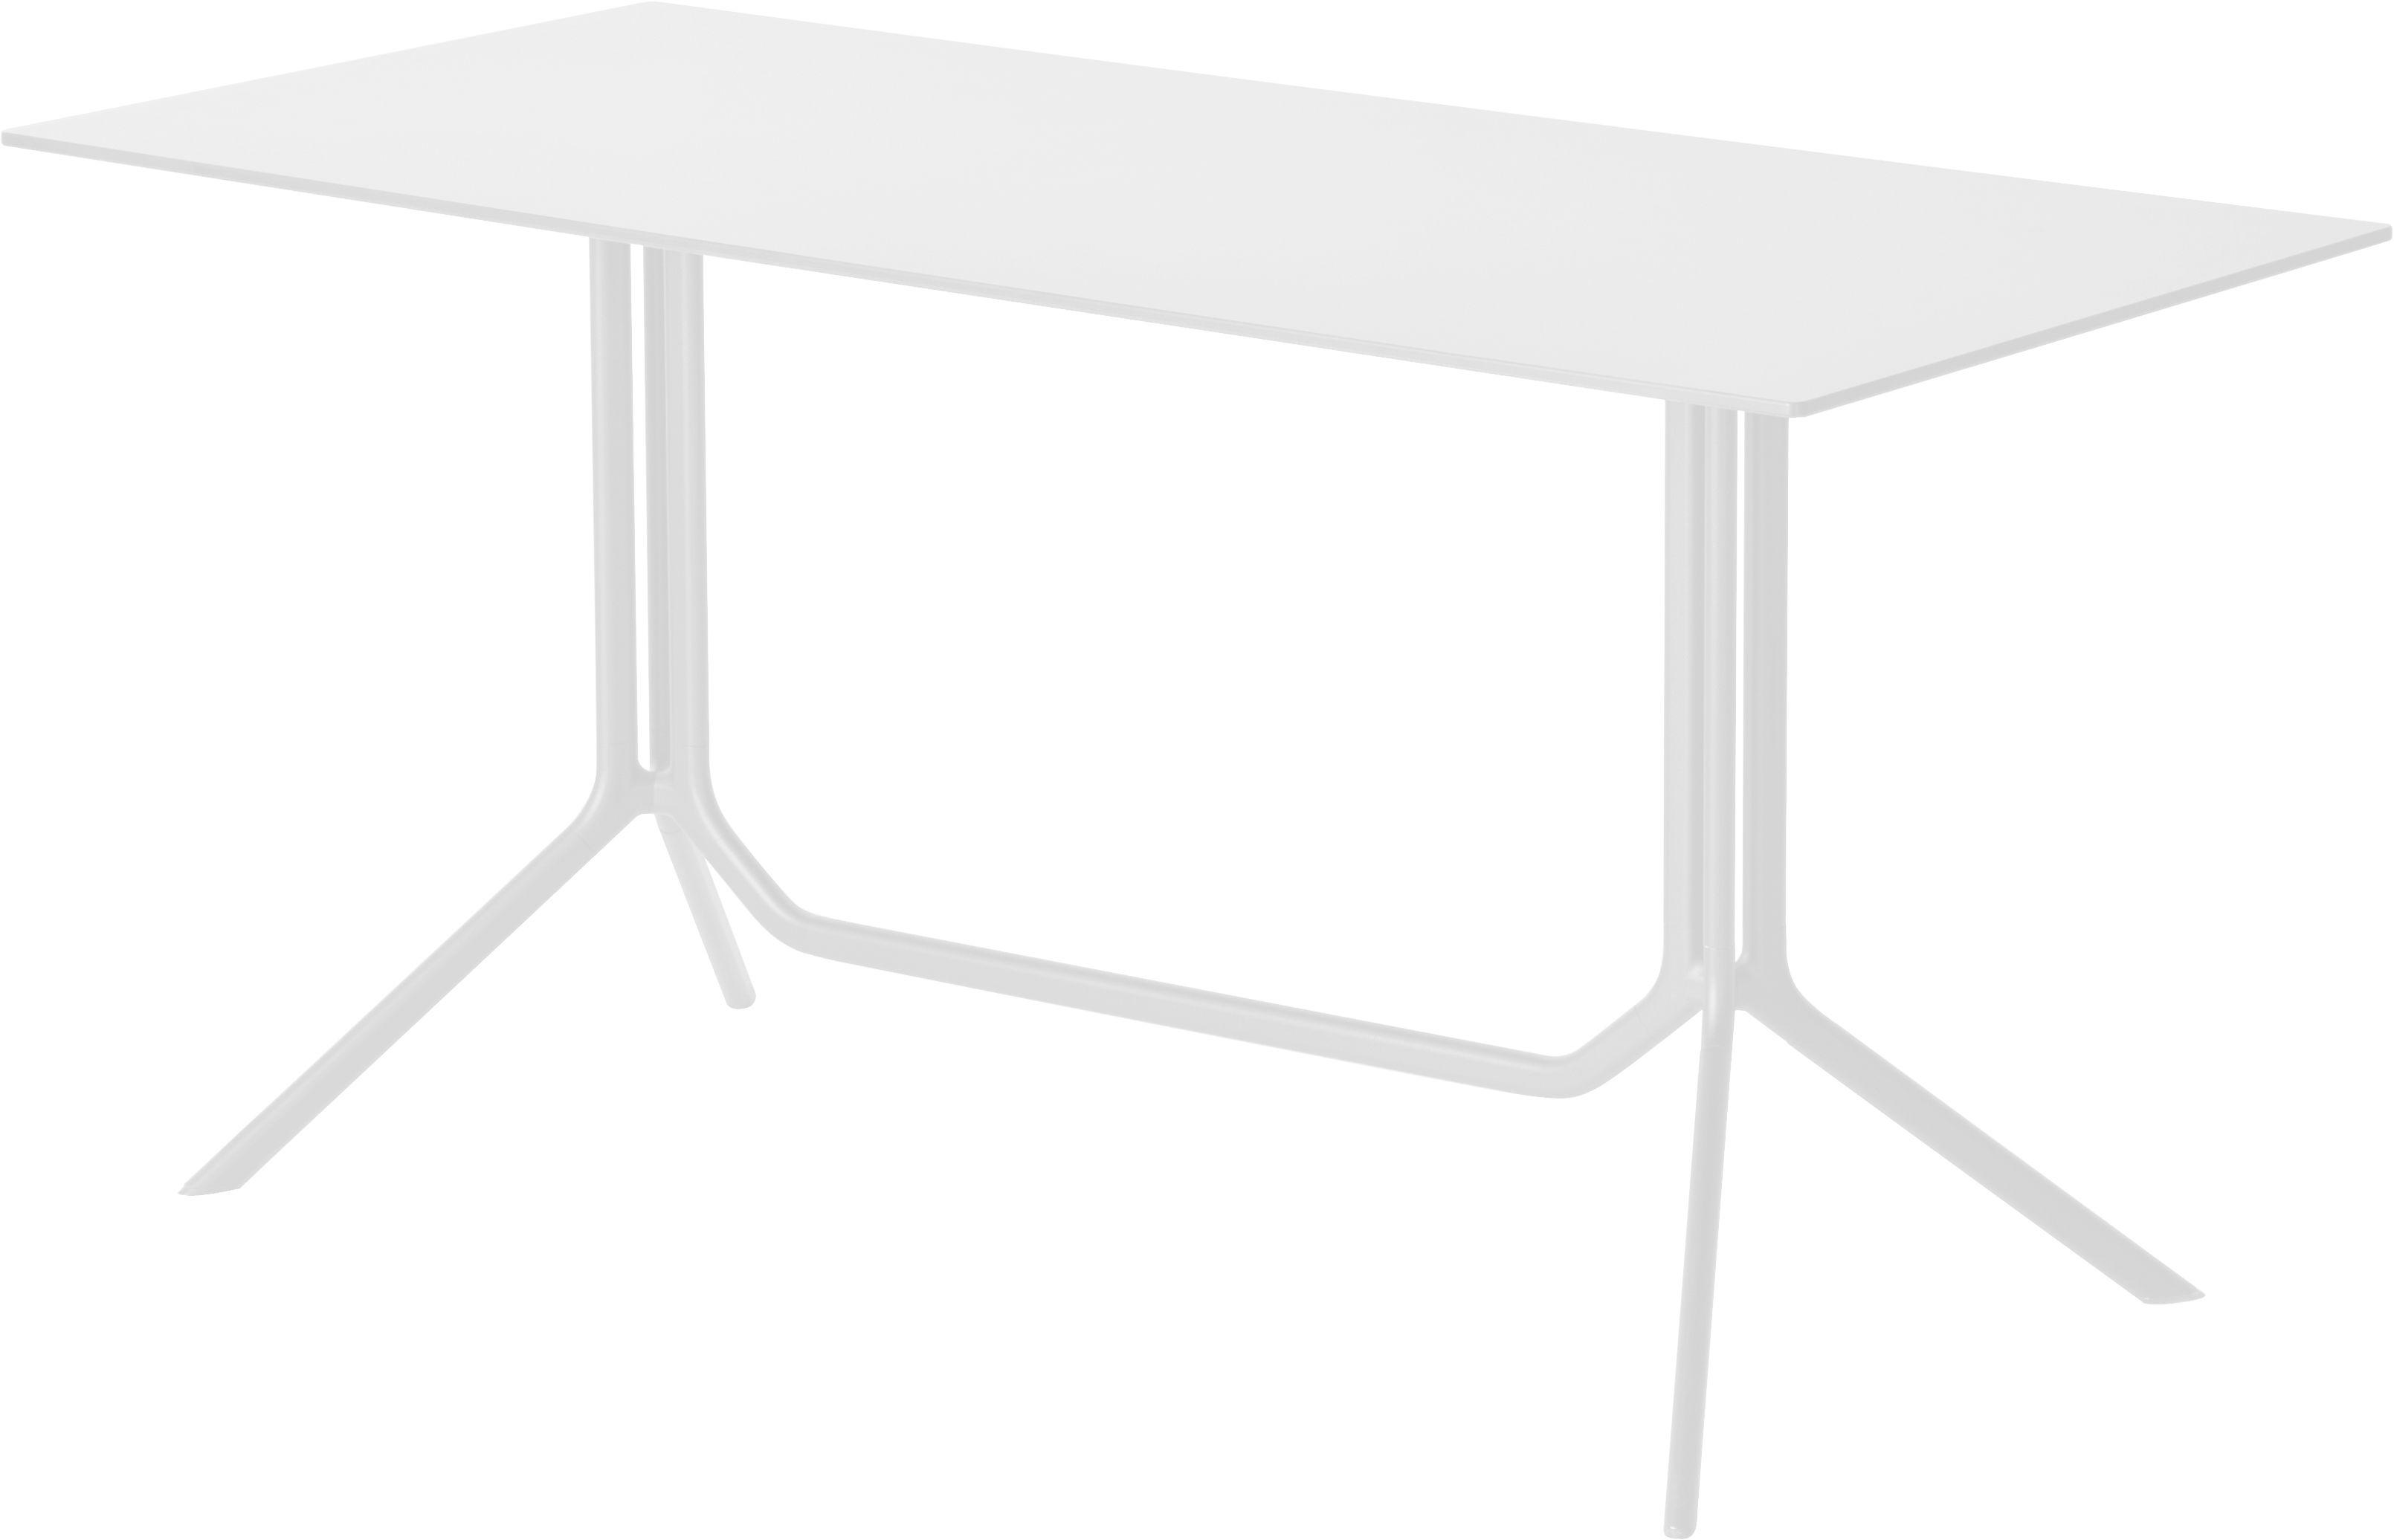 Jardin - Tables de jardin - Table Poule double / Fixe - 150 x 70 cm - Kristalia -